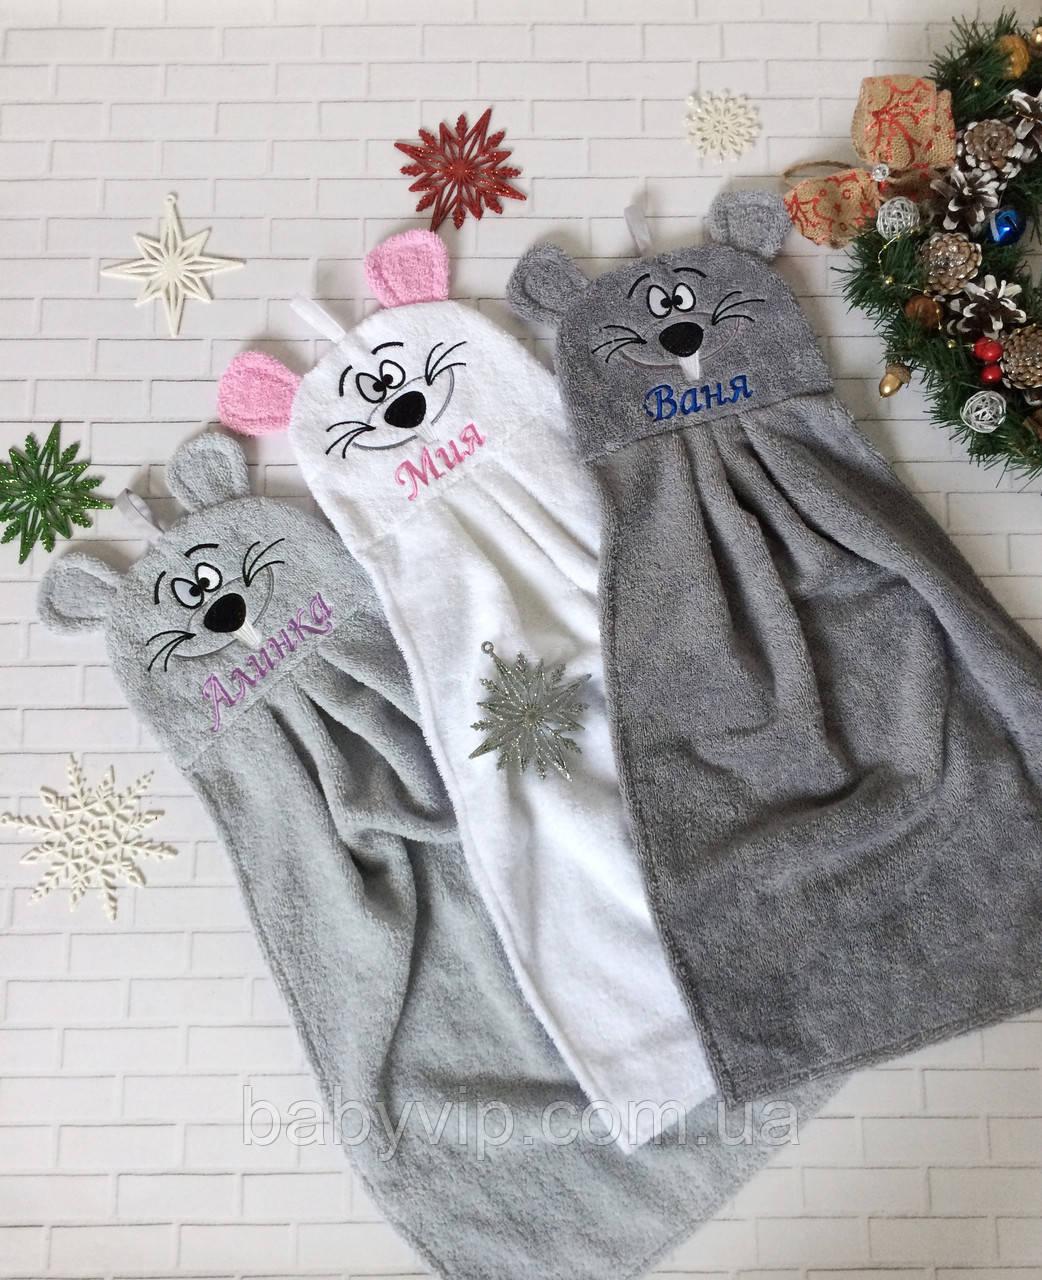 Детское полотенце для рук Крыска( Мышка)